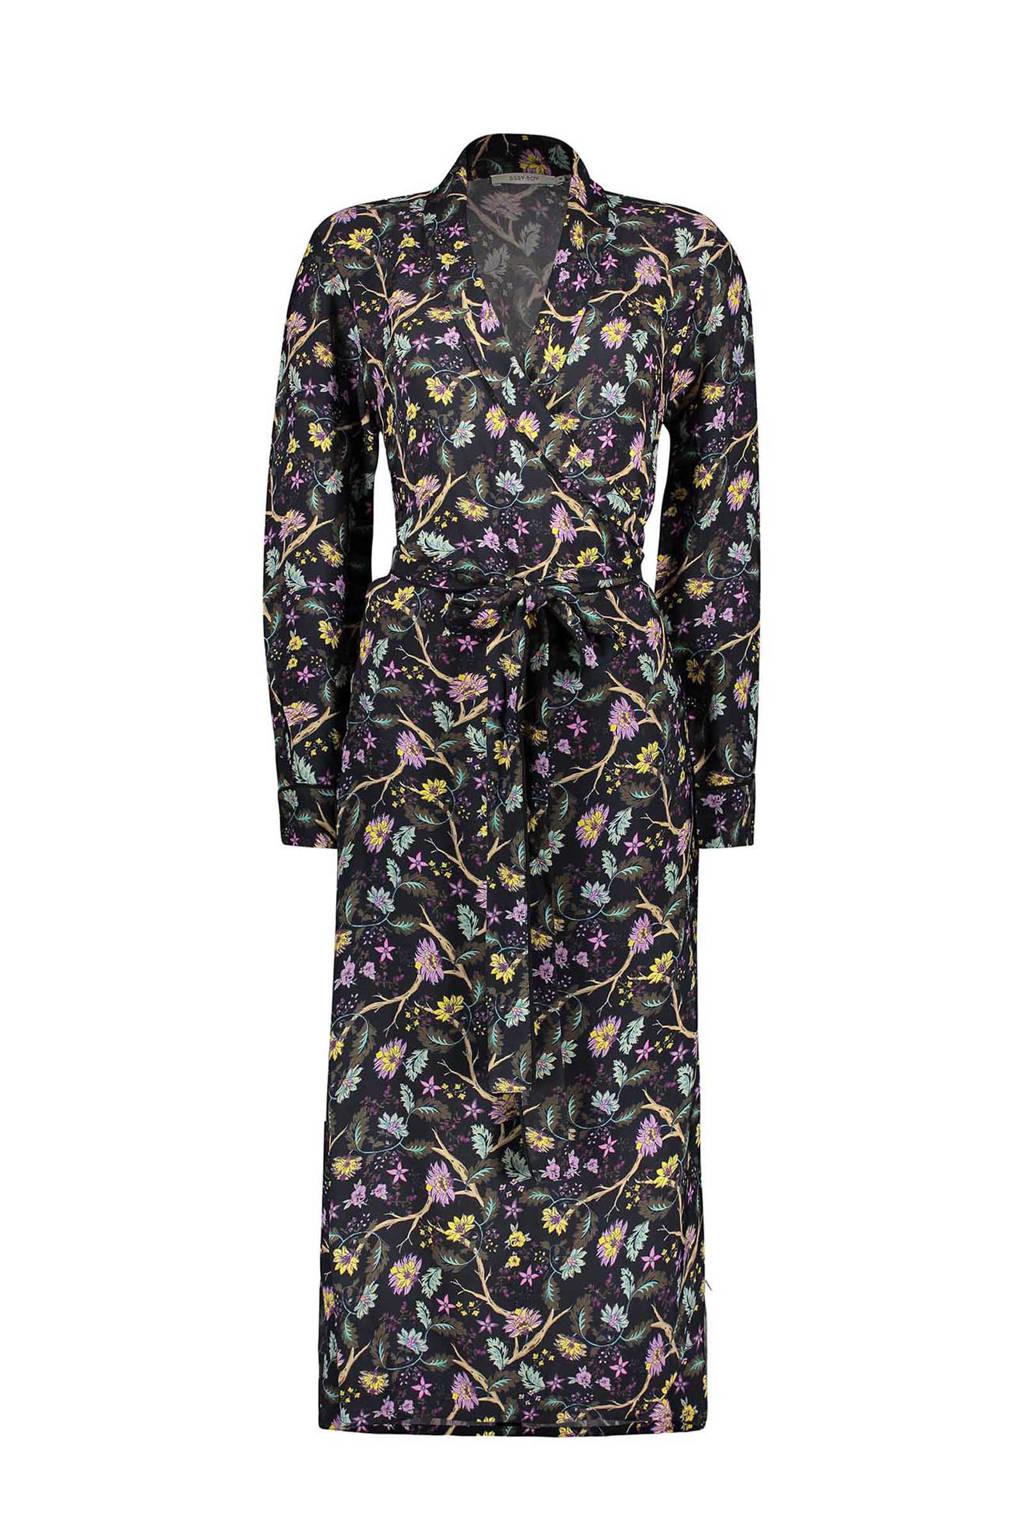 Sissy-Boy overslag jurk met bloemenprint, Zwart/roze/geel/blauw